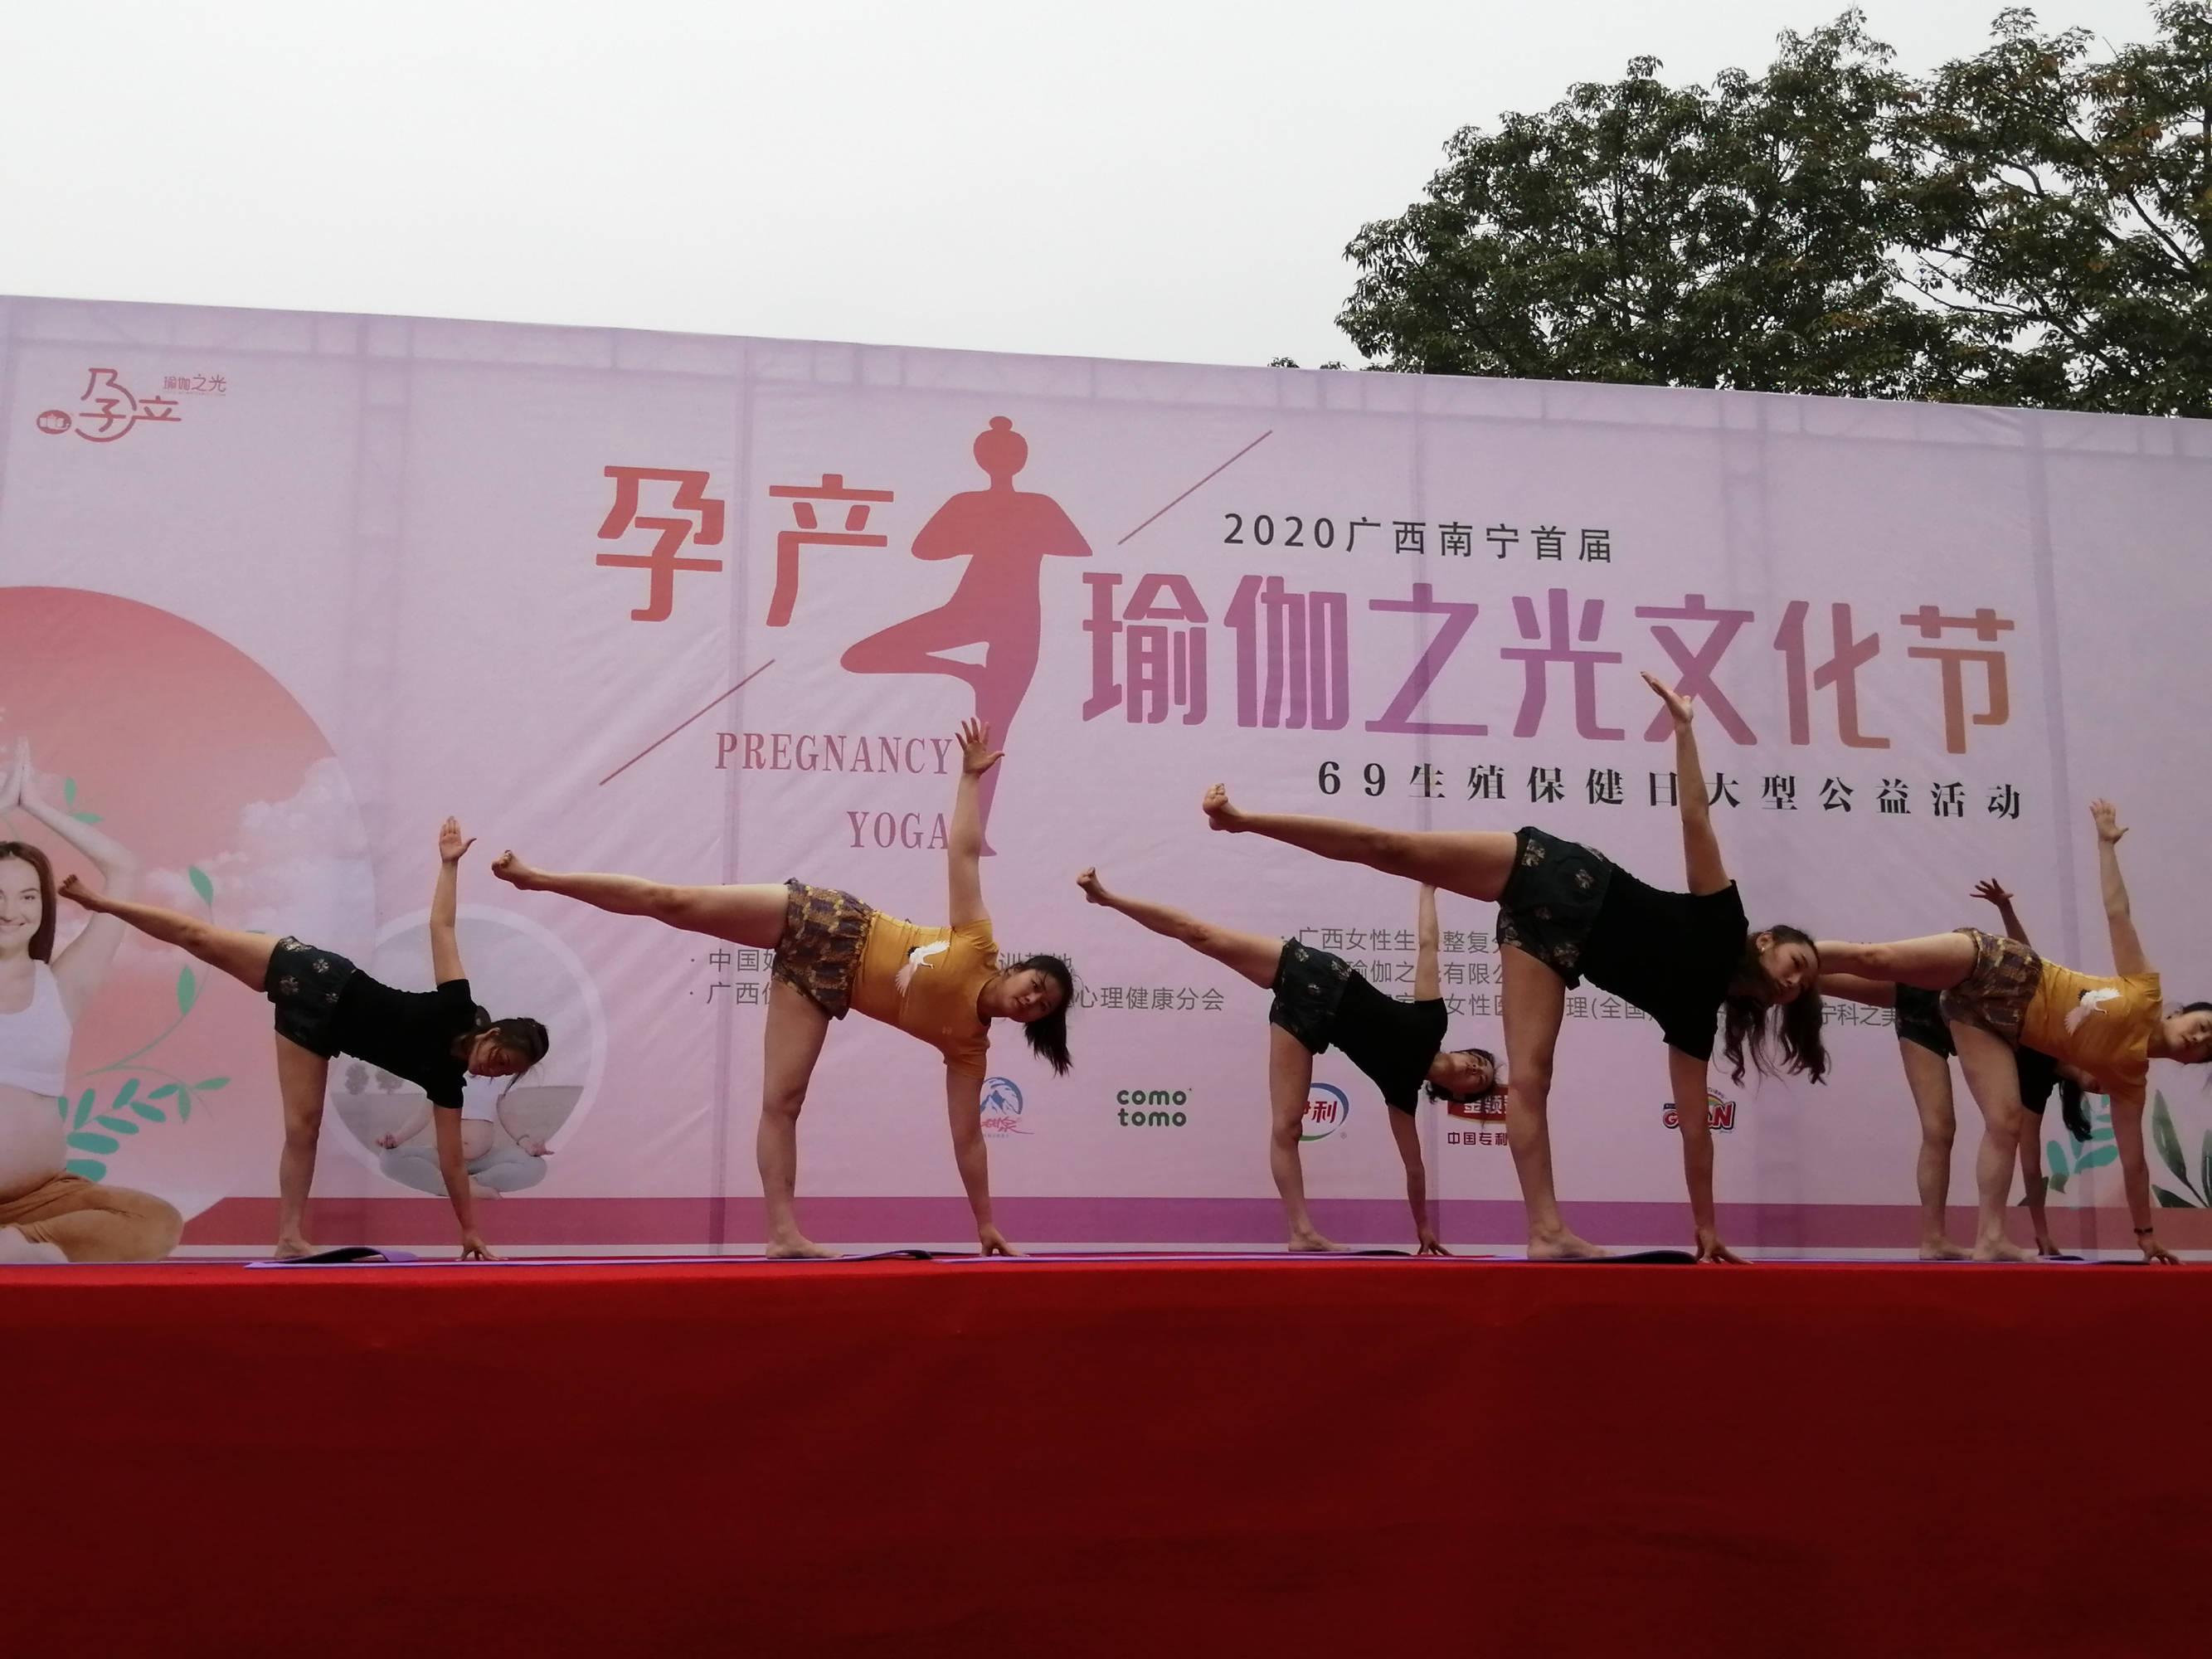 瑜伽教练表演孕产瑜伽,动作很到位,难度也不小!